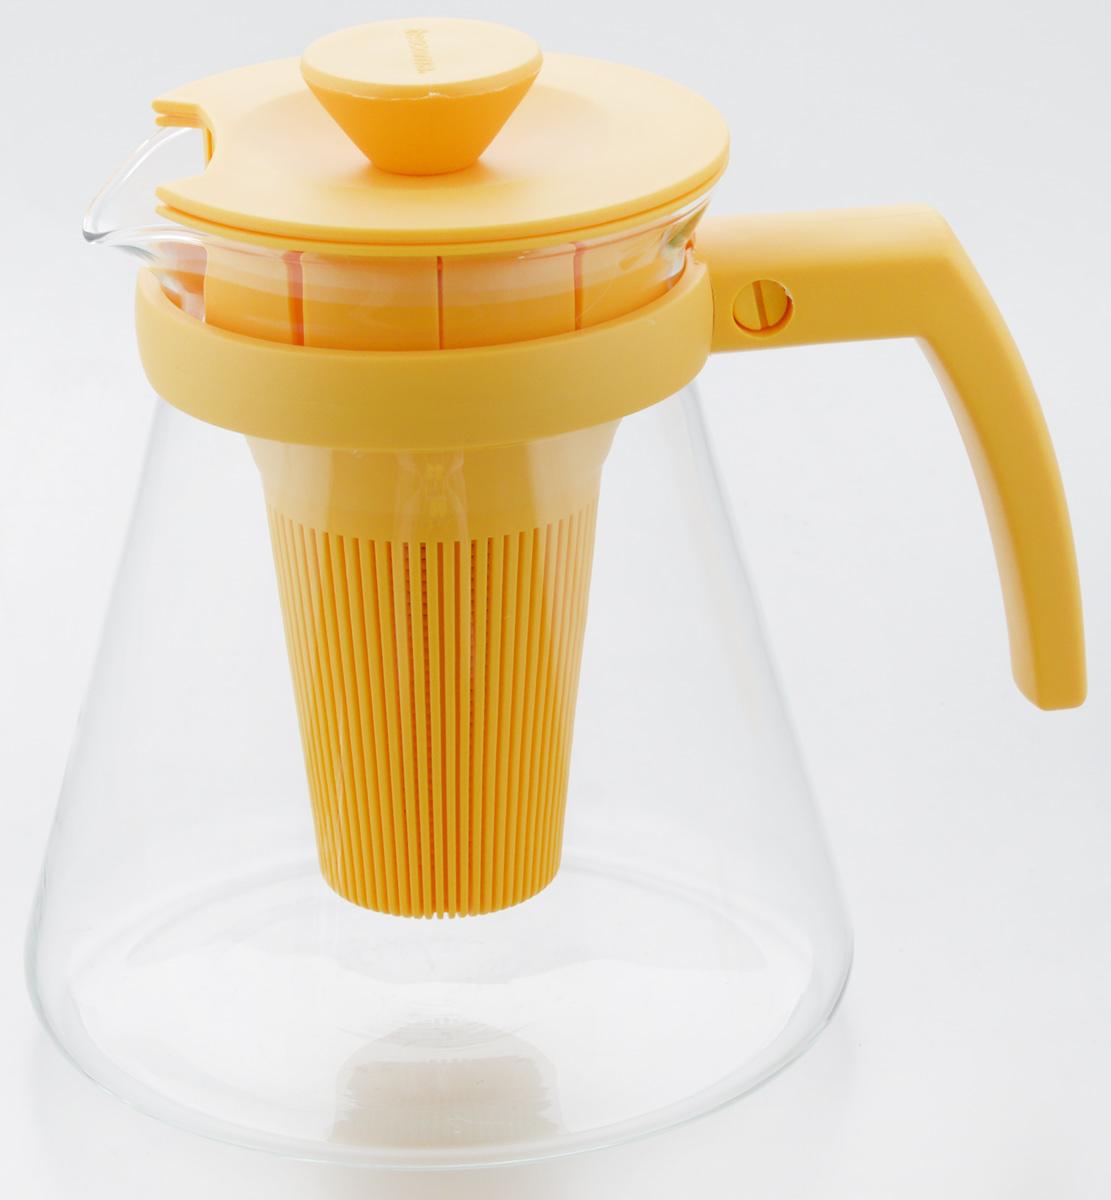 Чайник заварочный Tescoma Teo Tone, с ситечком, цвет: желтый, прозрачный, 1,25 л115510Чайник заварочный Tescoma Teo Tone предназначен для подготовки и сервировки всех видов чая и чайных напитков. Чайник снабжен глубоким ситечком для заваривания свежей мяты, мелиссы, имбиря, сушеного шиповника, фруктов, а также очень густым ситечком для заваривания всех видов рассыпного чая. Корпус чайника изготовлен из термостойкого боросиликатного стекла, поэтому его можно ставить на плиту. Ручка, крышка и ситечко изготовлены из прочного пластика. Чайник подходит для газовых, электрических и стеклокерамических плит, микроволновой печи. Не рекомендуется мыть в посудомоечной машине. Инструкция по использованию внутри упаковки. Диаметр (по верхнему краю): 10 см. Диаметр основания: 14 см. Высота: 16 см.